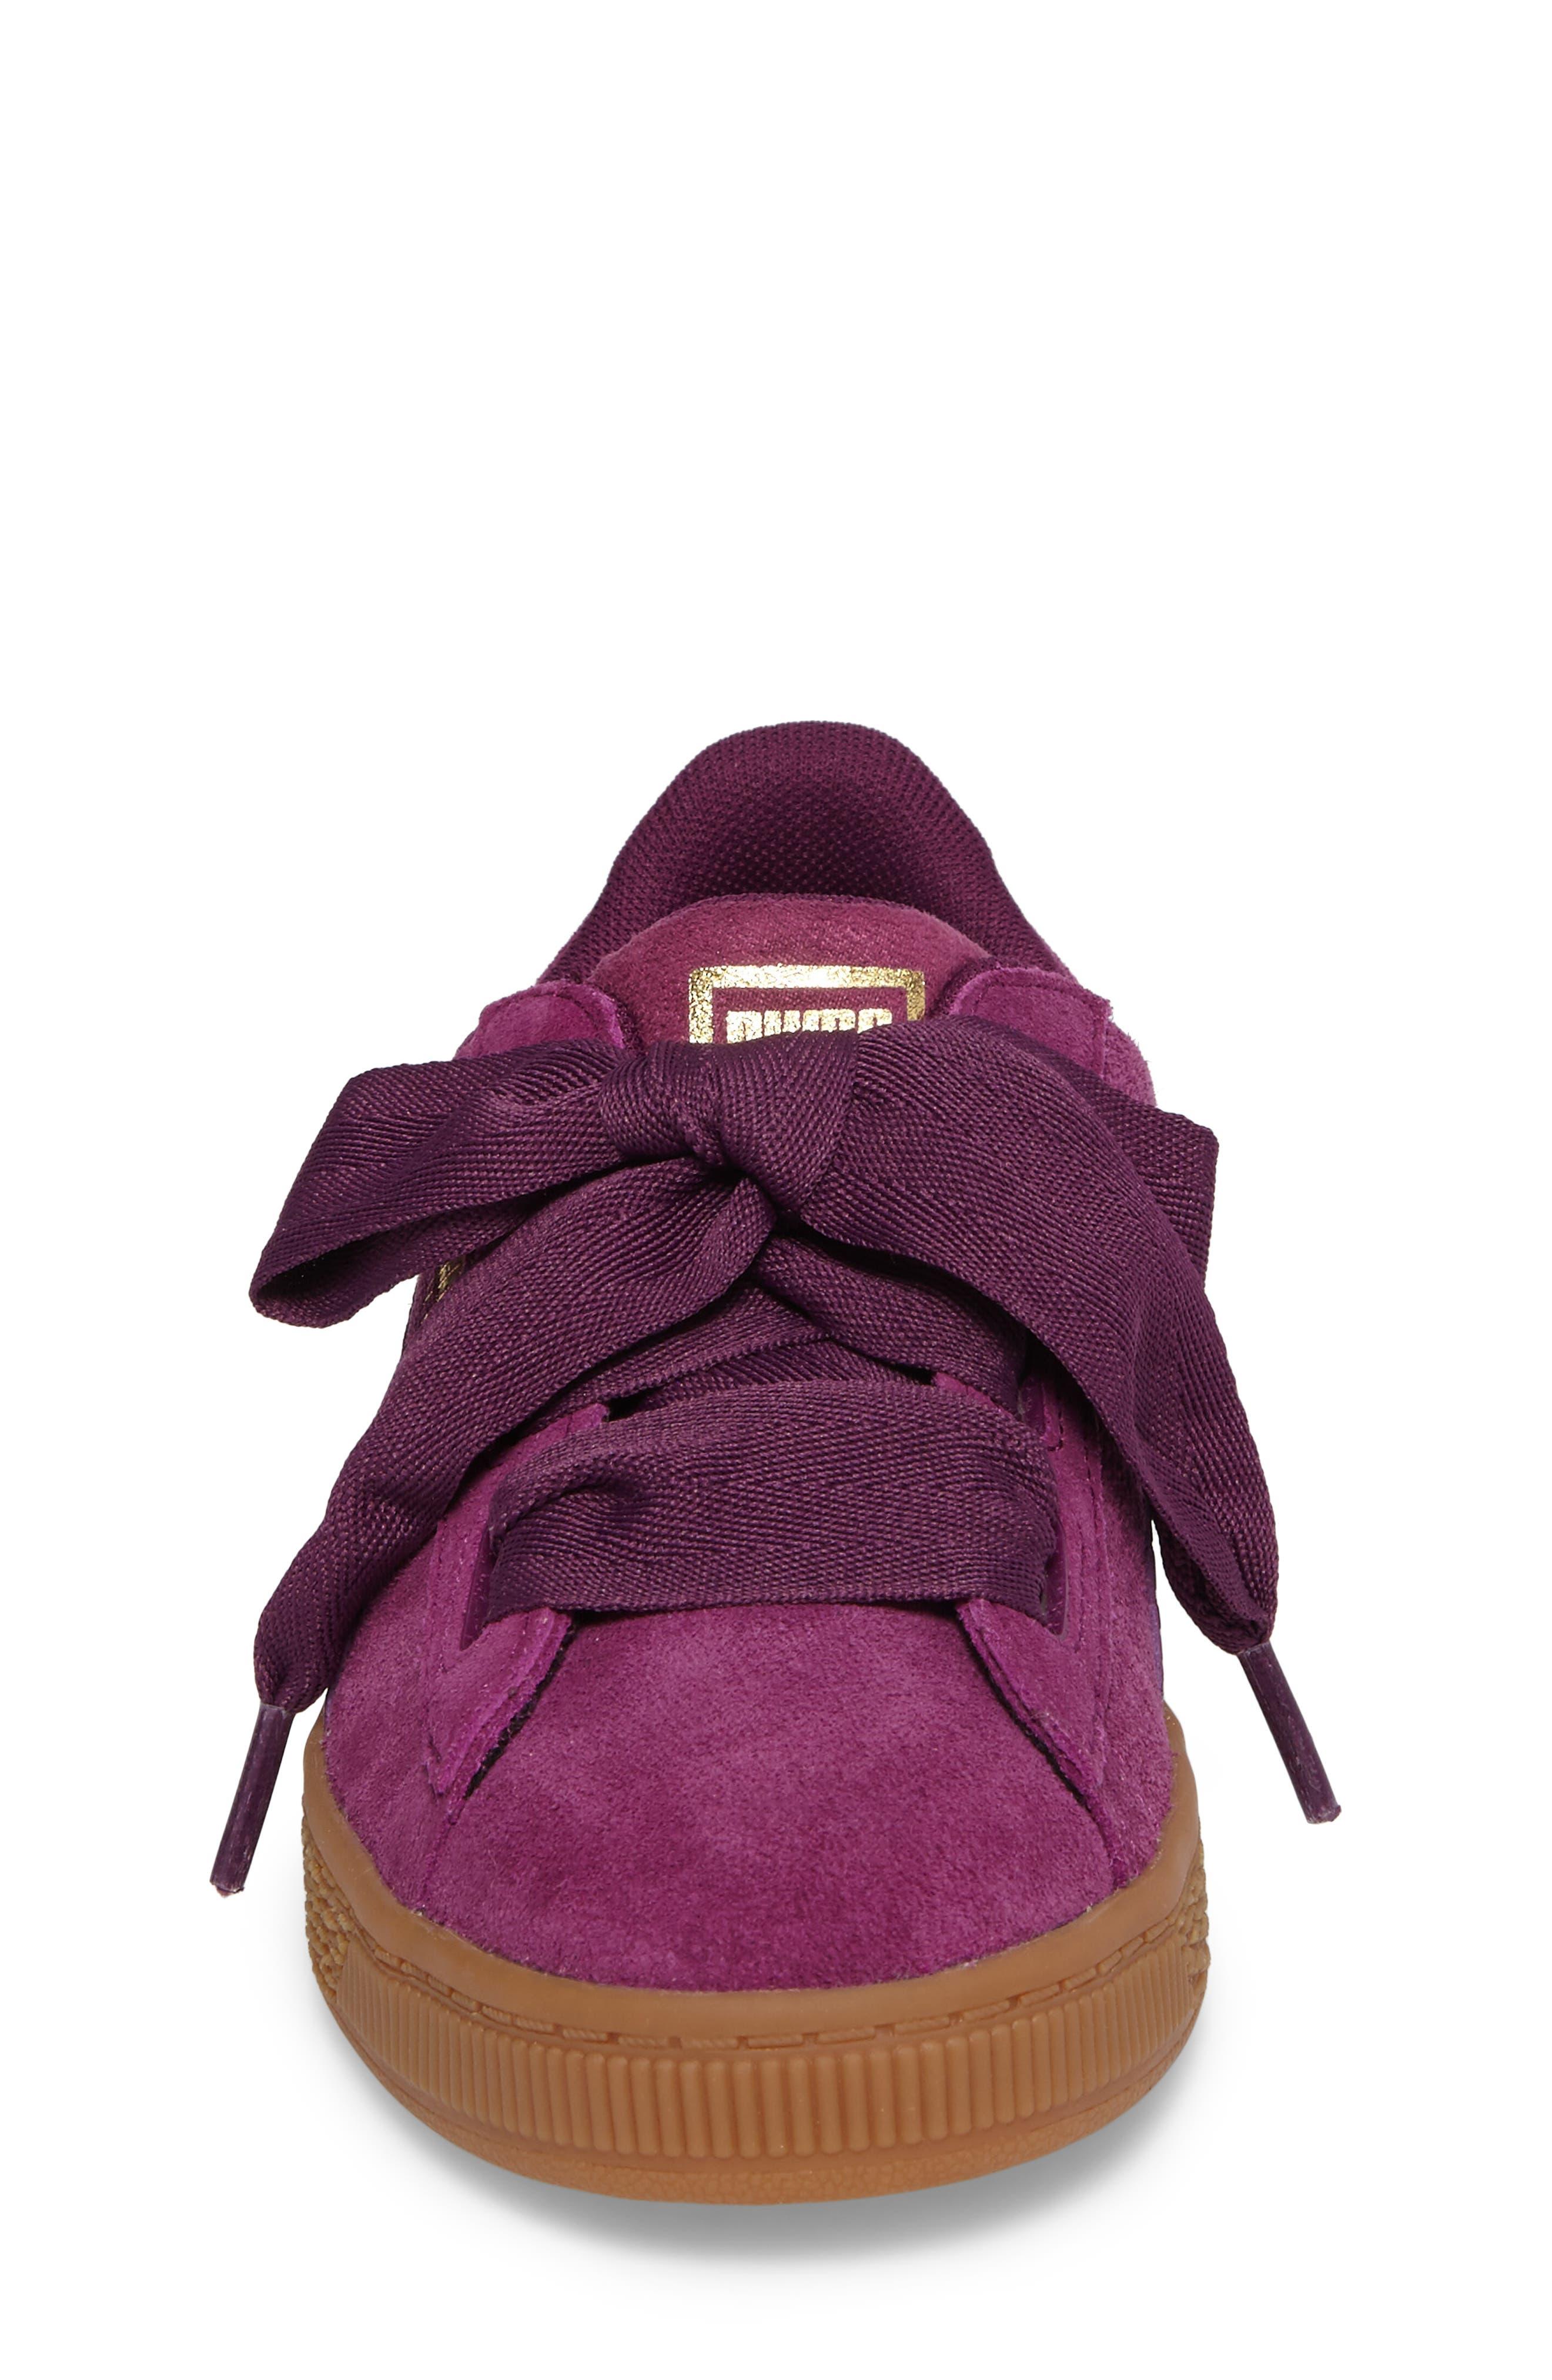 Basket Heart Sneaker,                             Alternate thumbnail 11, color,